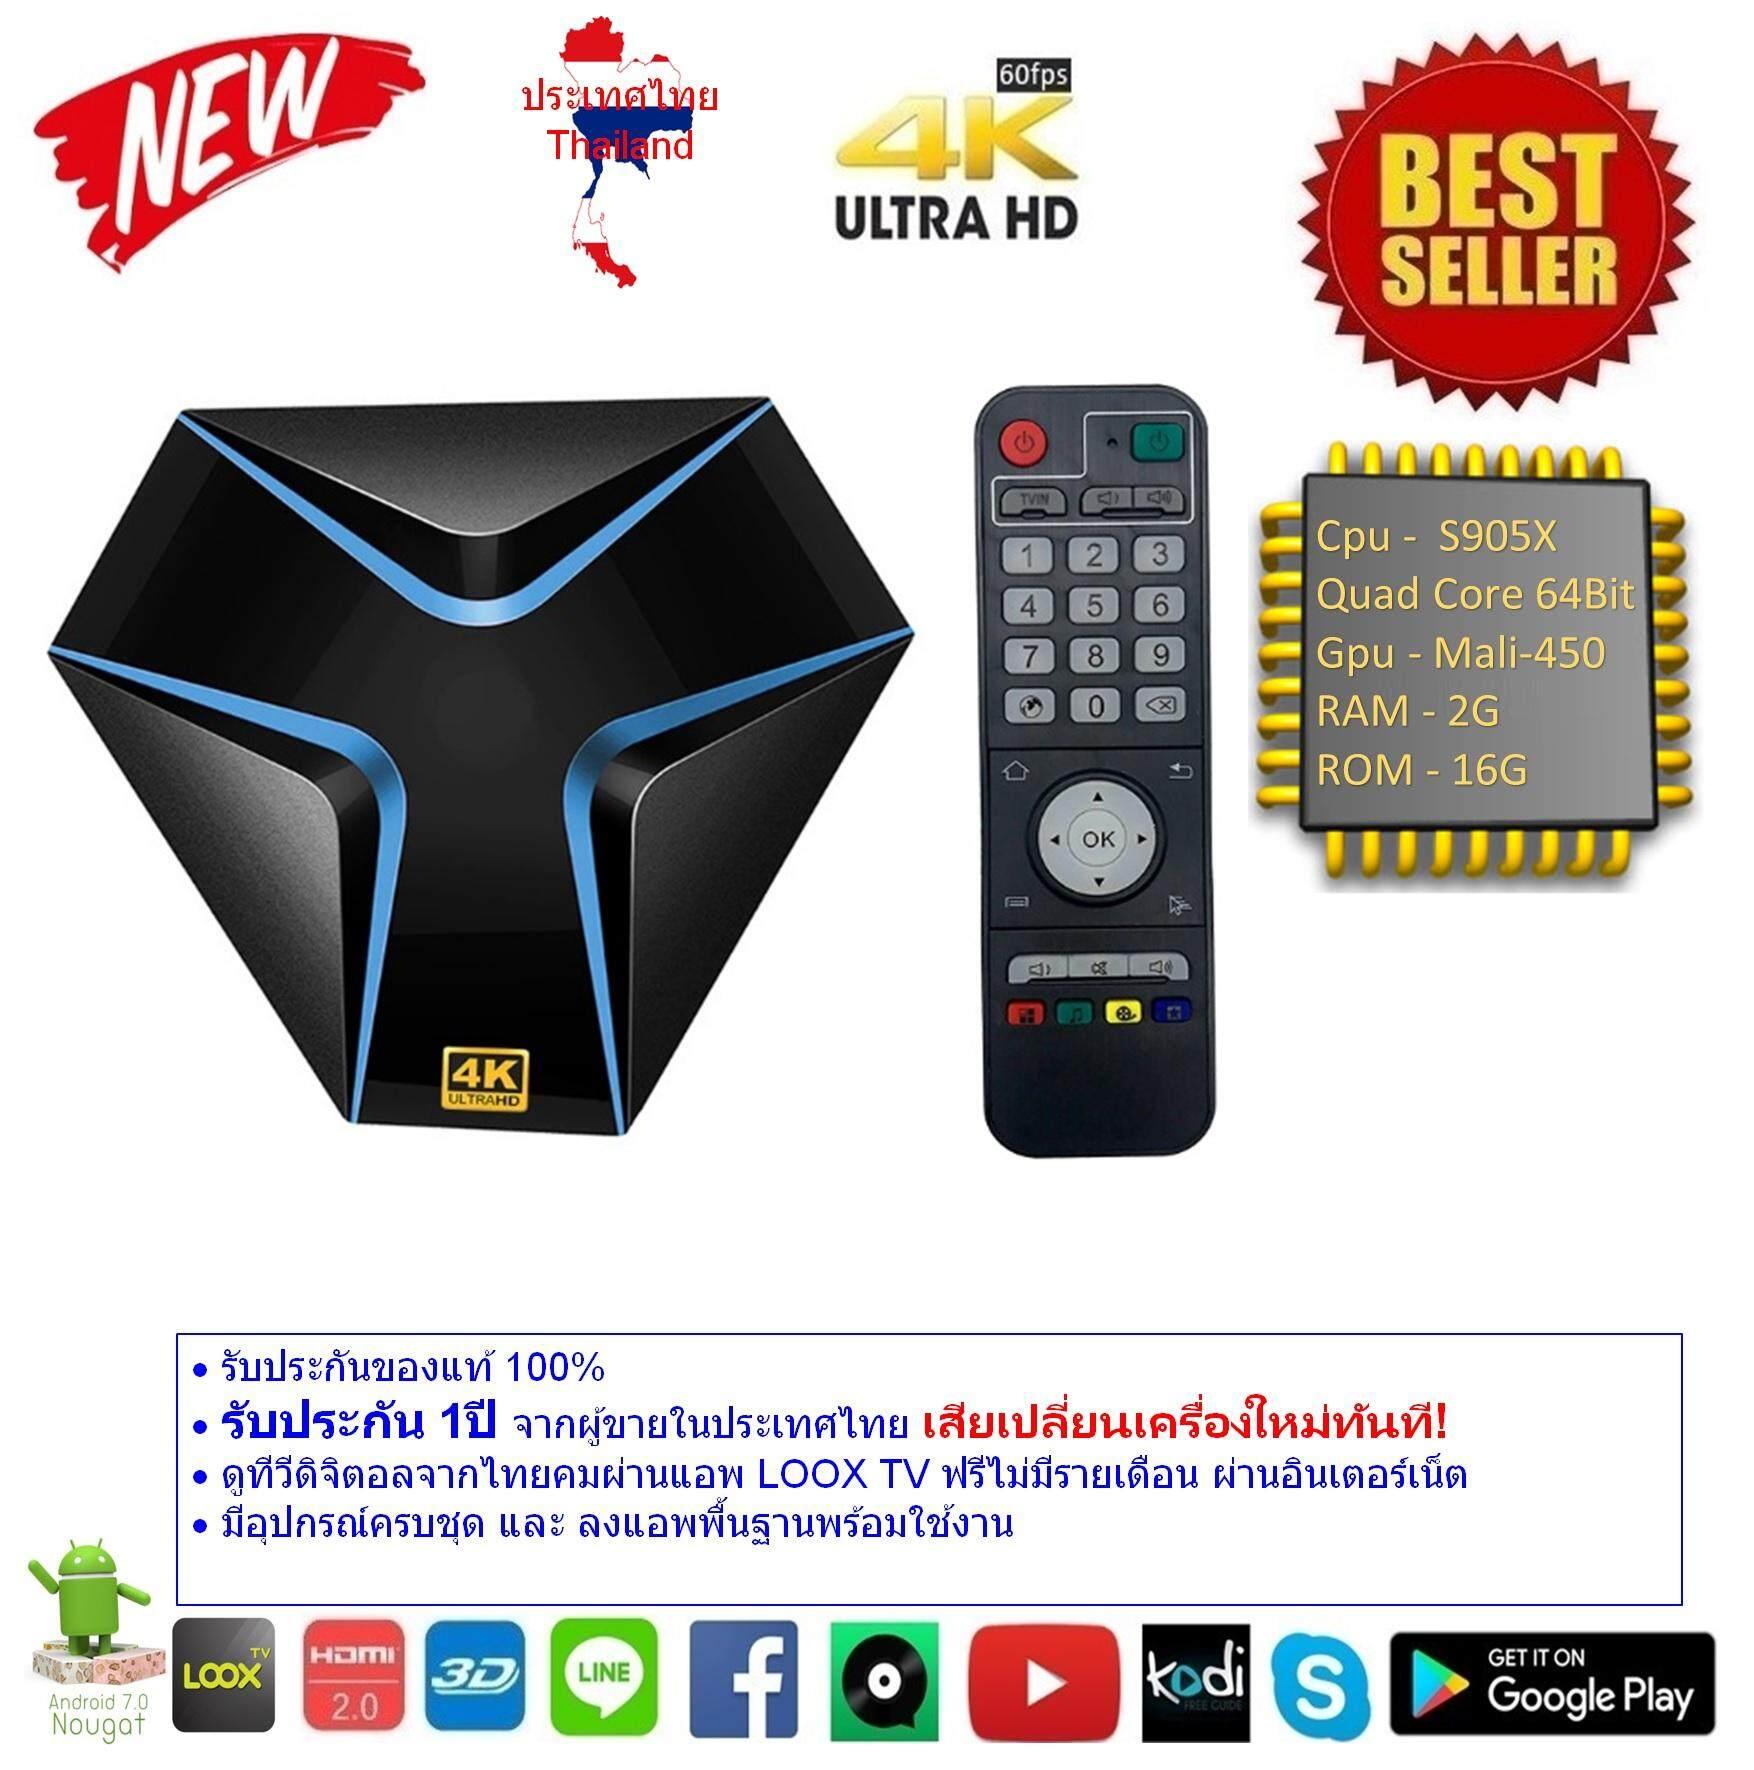 สอนใช้งาน  บุรีรัมย์ Android Smart TV Box Magicsee Iron Cpu S905X RAM 2G ROM 16G UHD 4K Android Nougat 7.1.2